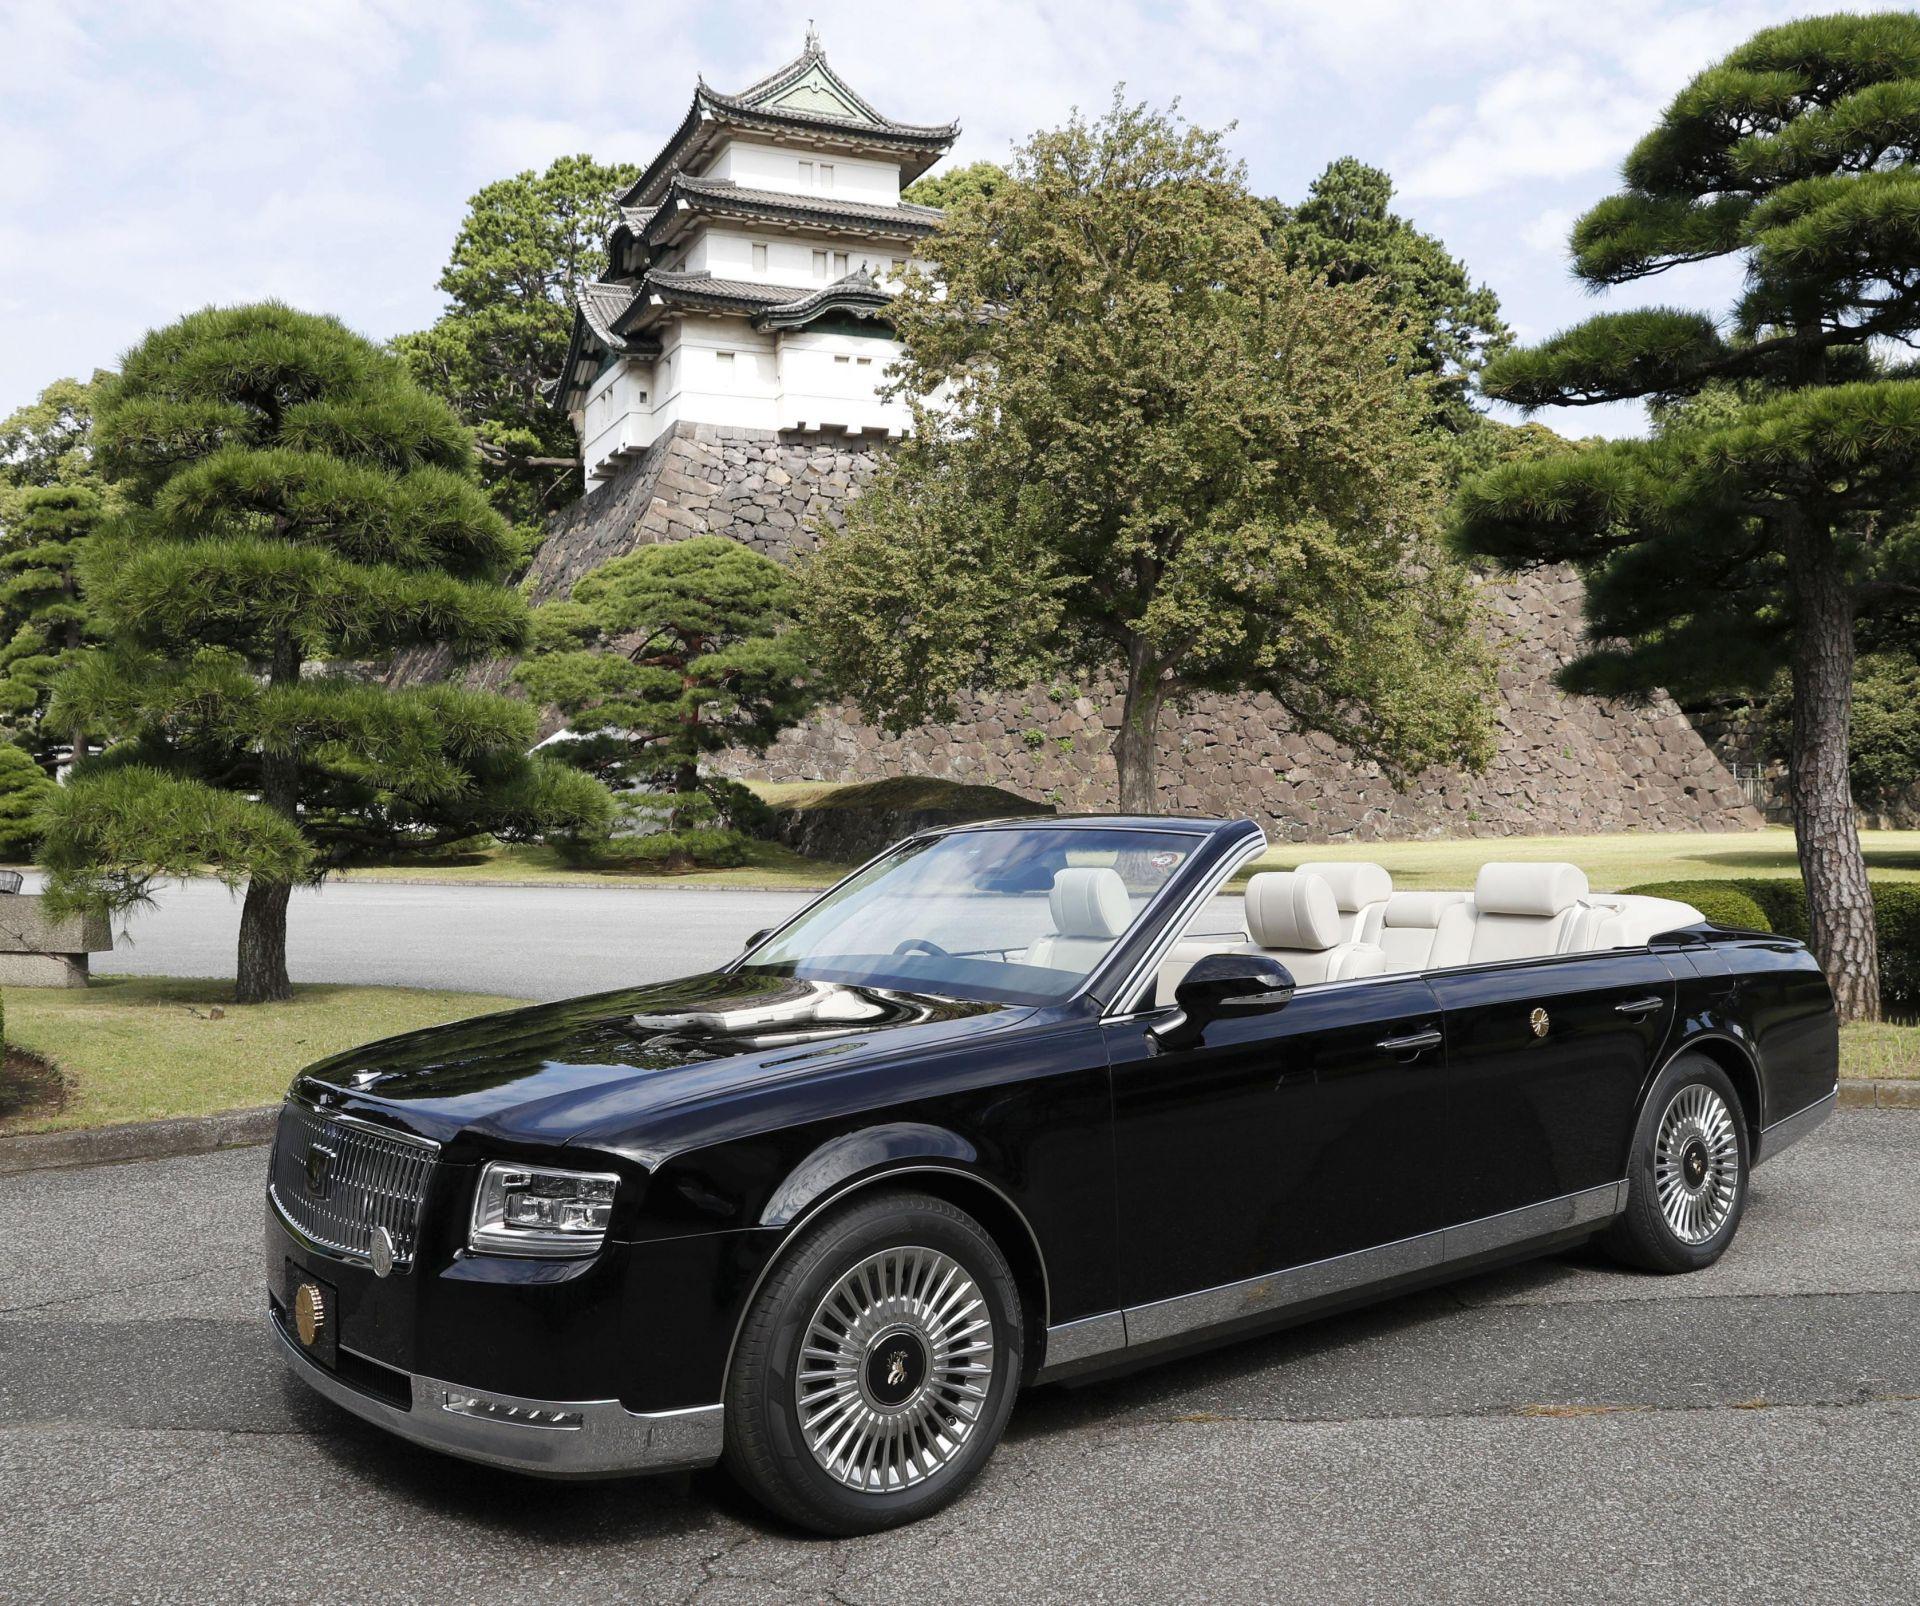 Докато Акито използваше Rolls Royce Corniche III, внесен от Великобритания преди 30 години, Нахуто и съпругата му  ще бъдат в кабриолет Toyota Century, с персонализирани повдигнати задни седалки, за да осигурят на по- добра гледка по време на 30-минутното